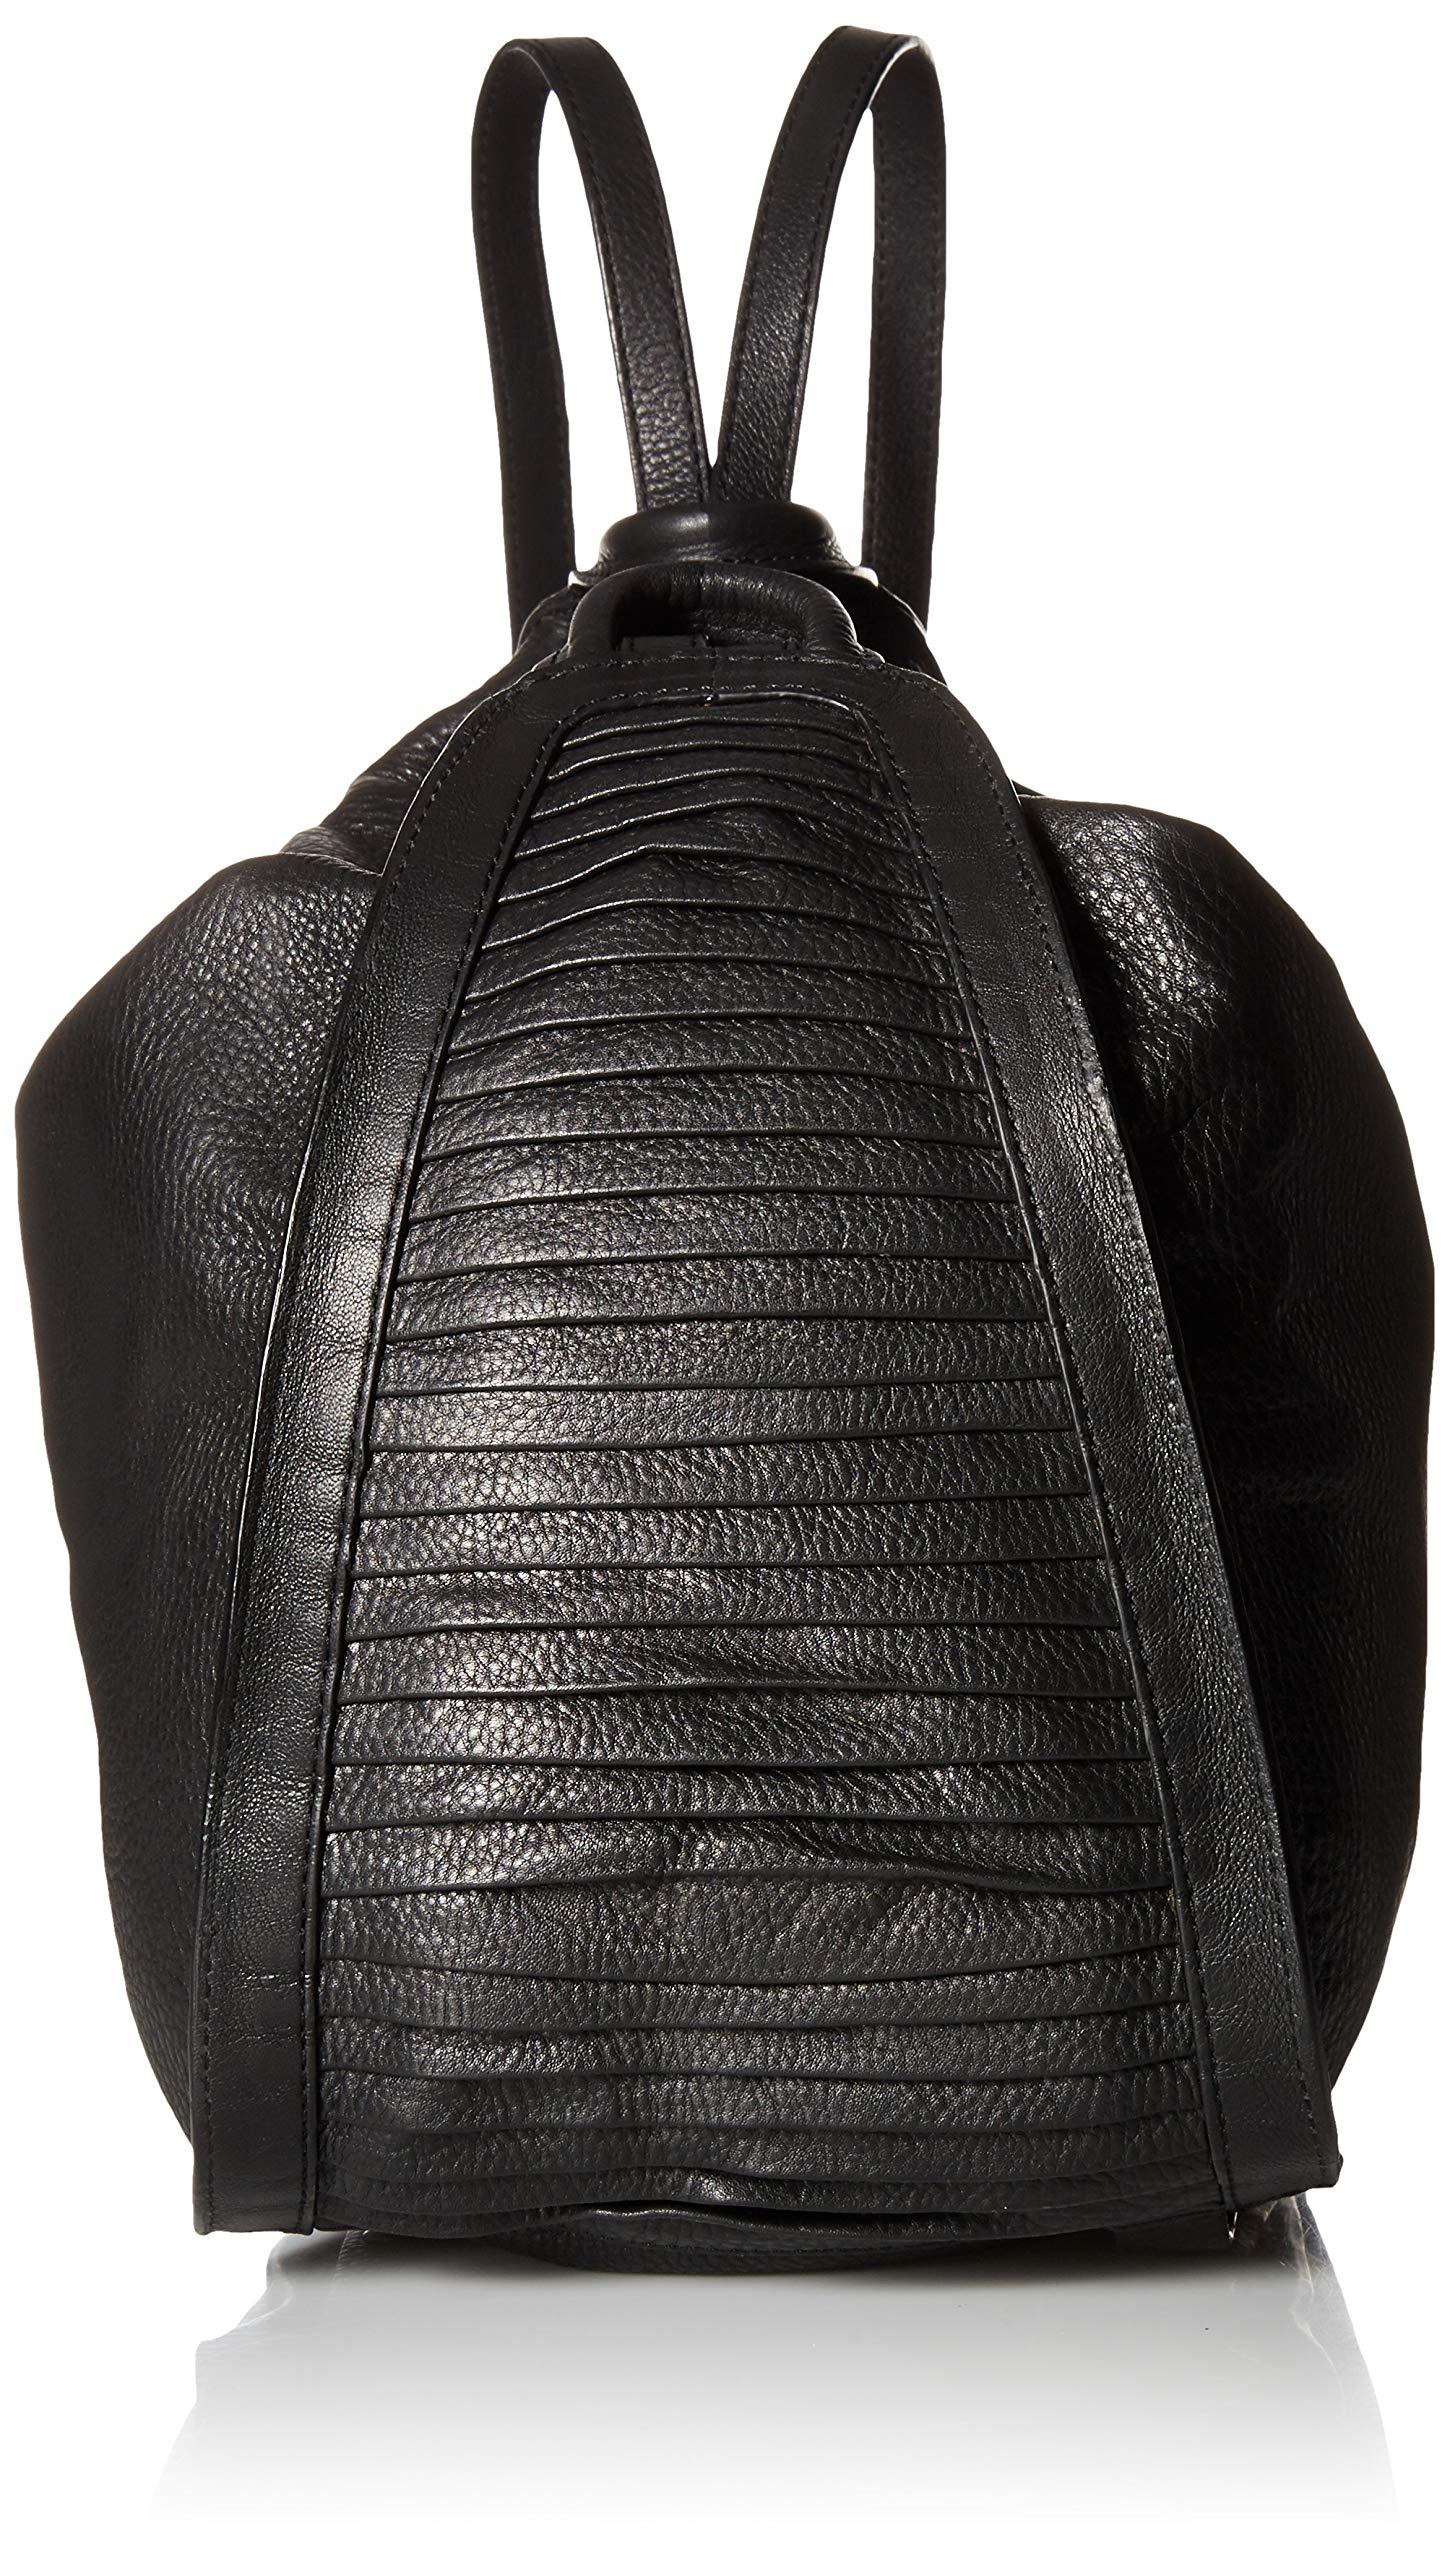 Kooba Handbags Calabasas Convertible Backpack, black